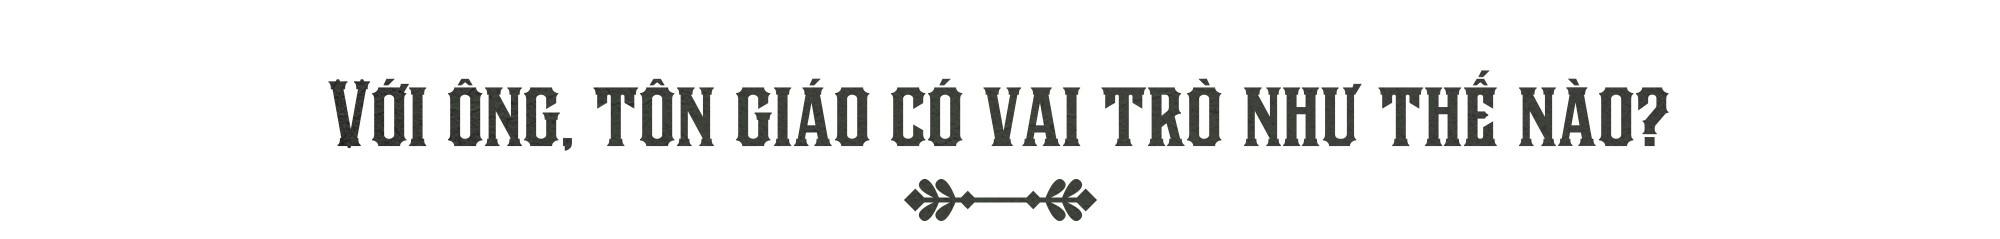 Văn hóa Việt và chùa chiền hấp dẫn tôi một cách tự nhiên - Ảnh 10.